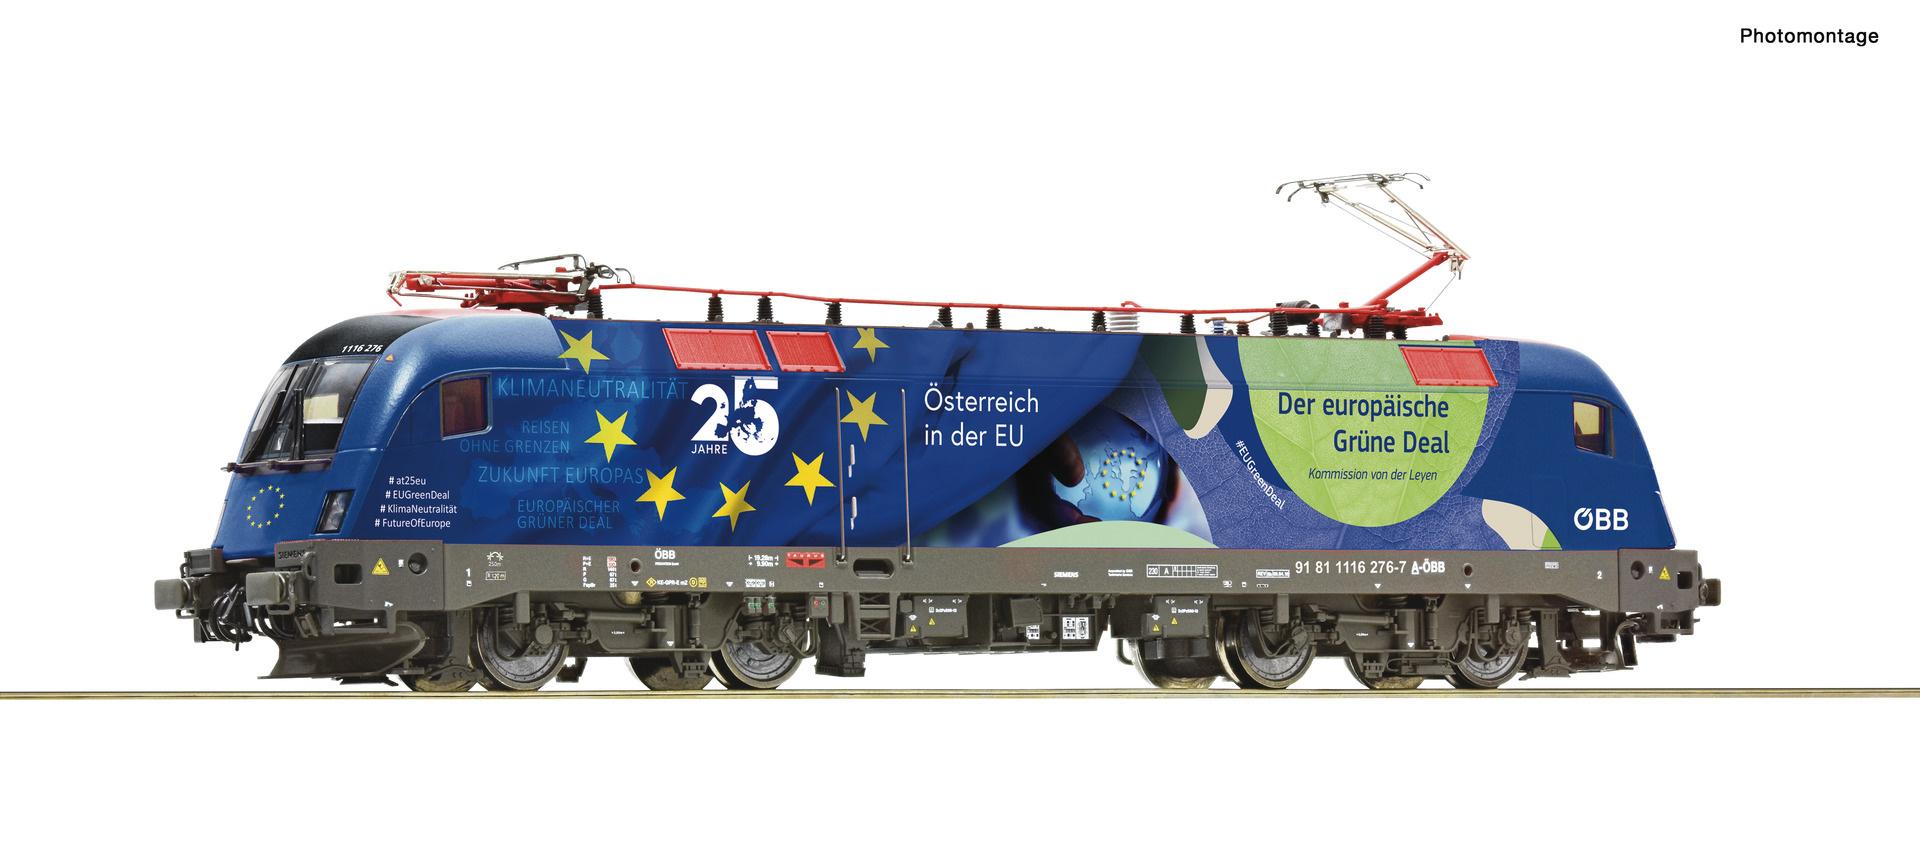 70502 E-Lok 1116 276 EU DC-Snd.-1